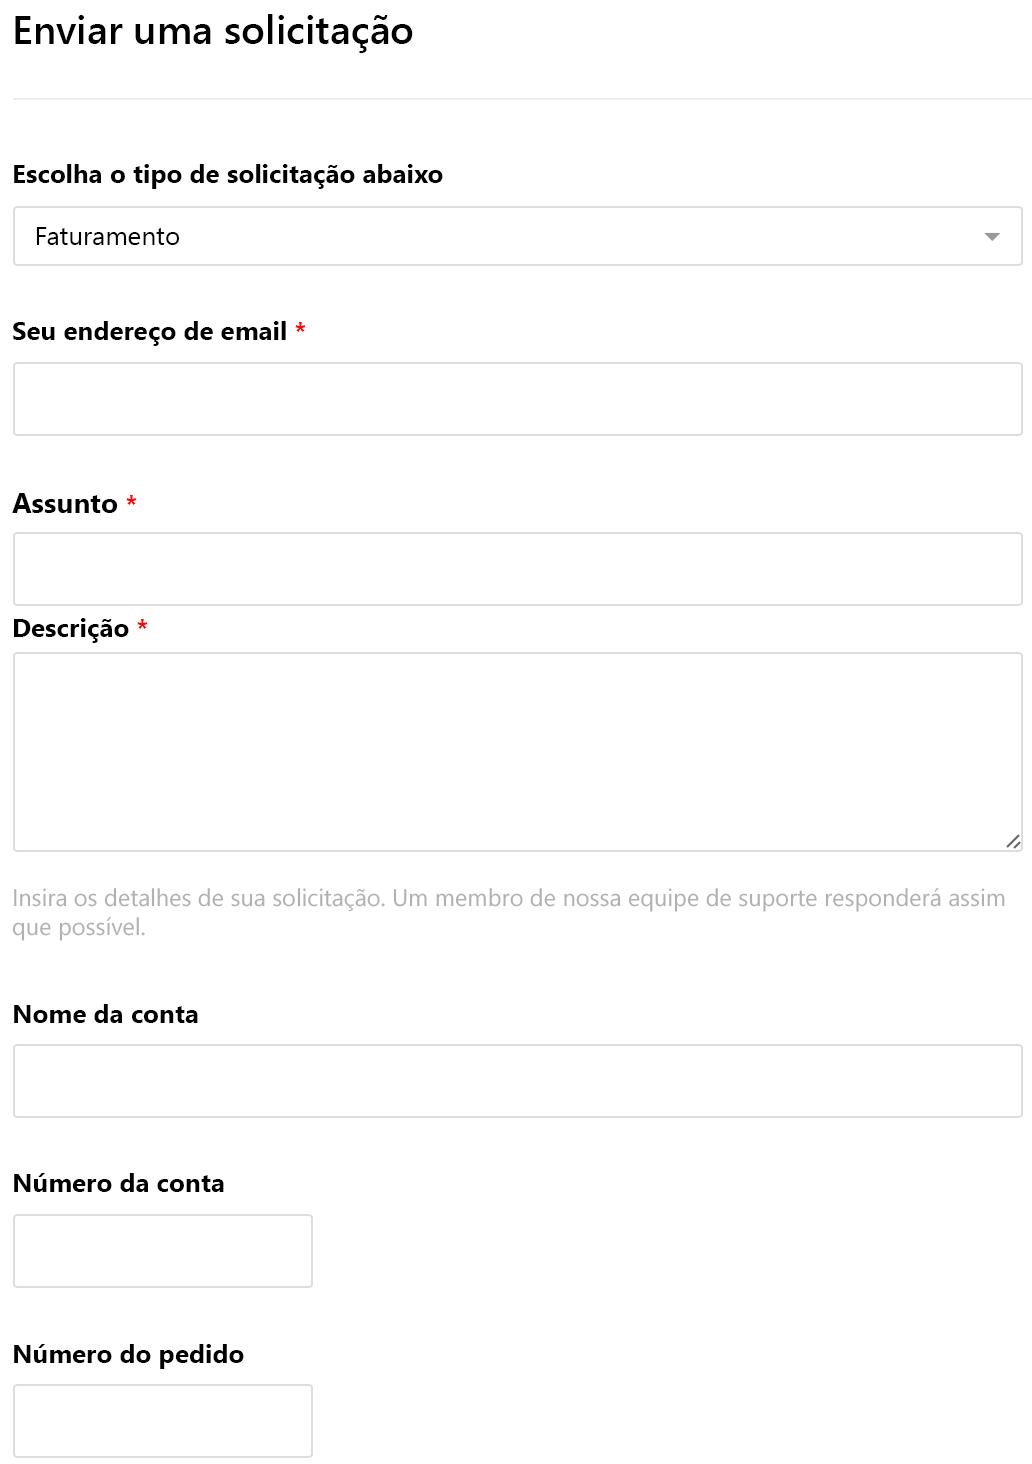 Exemplo de formulário personalizado